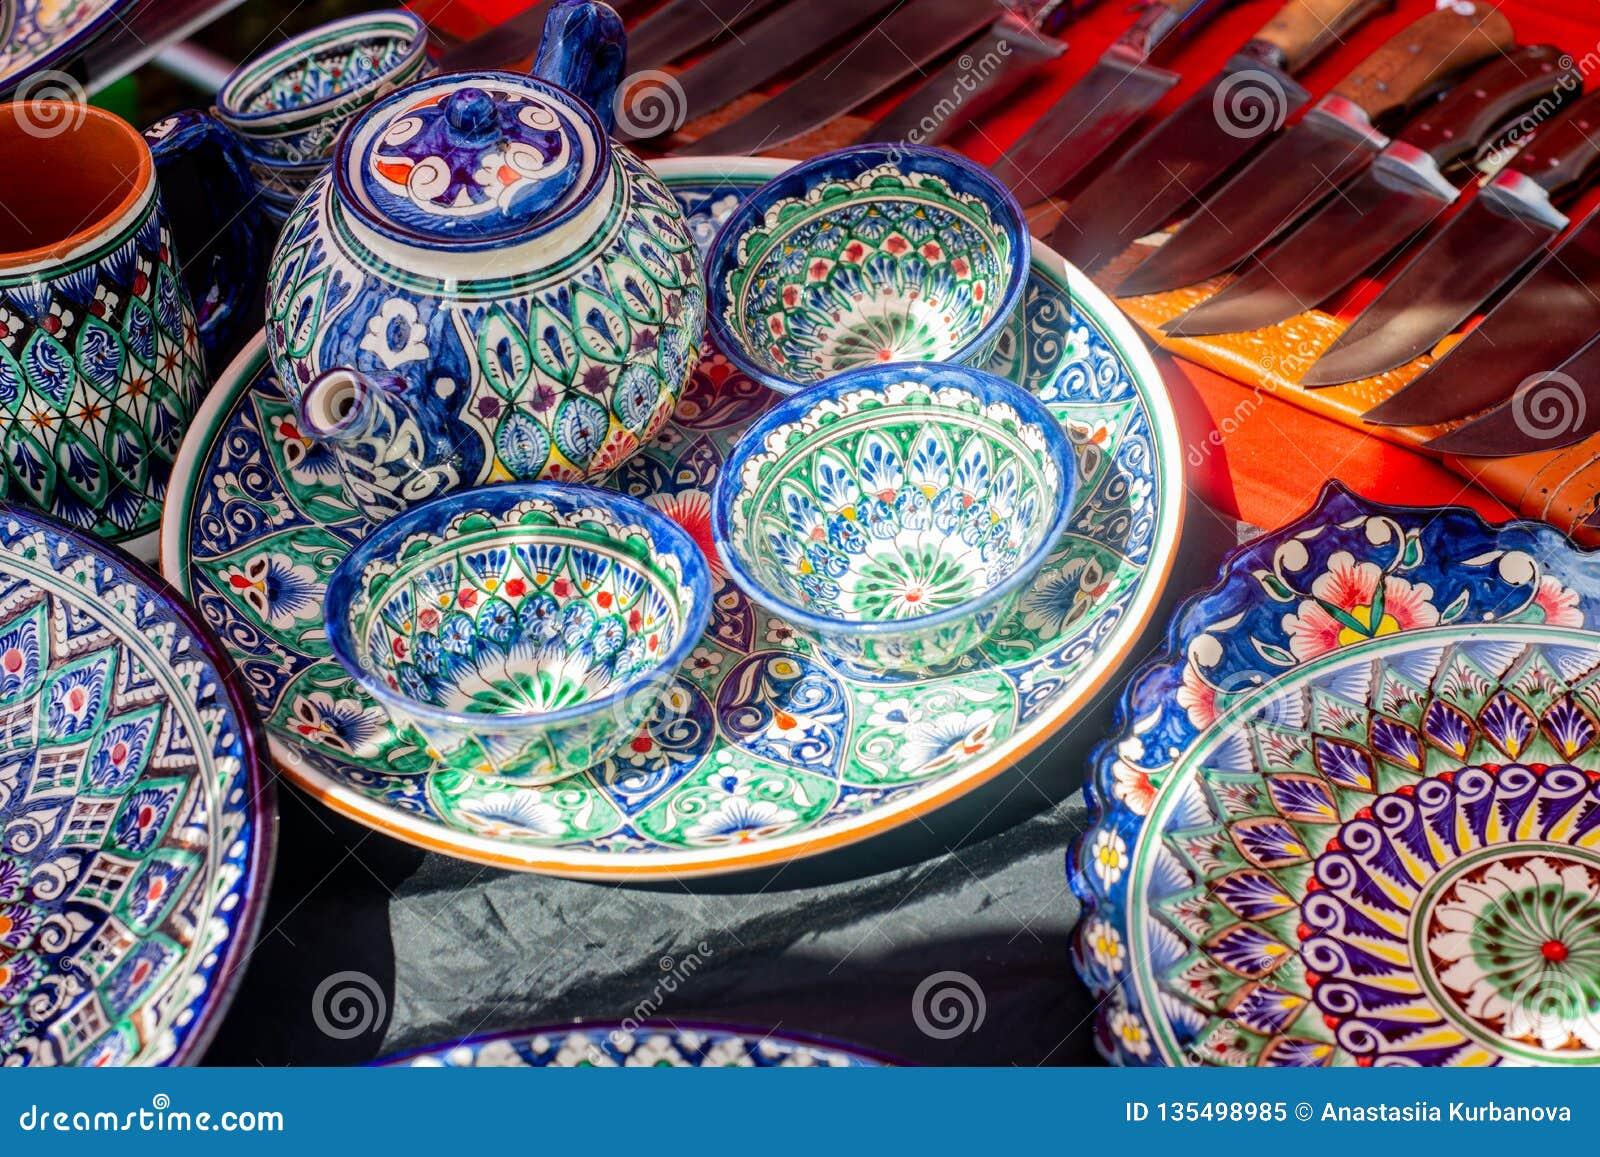 Poterie des cuvettes et des plats en céramique peints à la main colorés